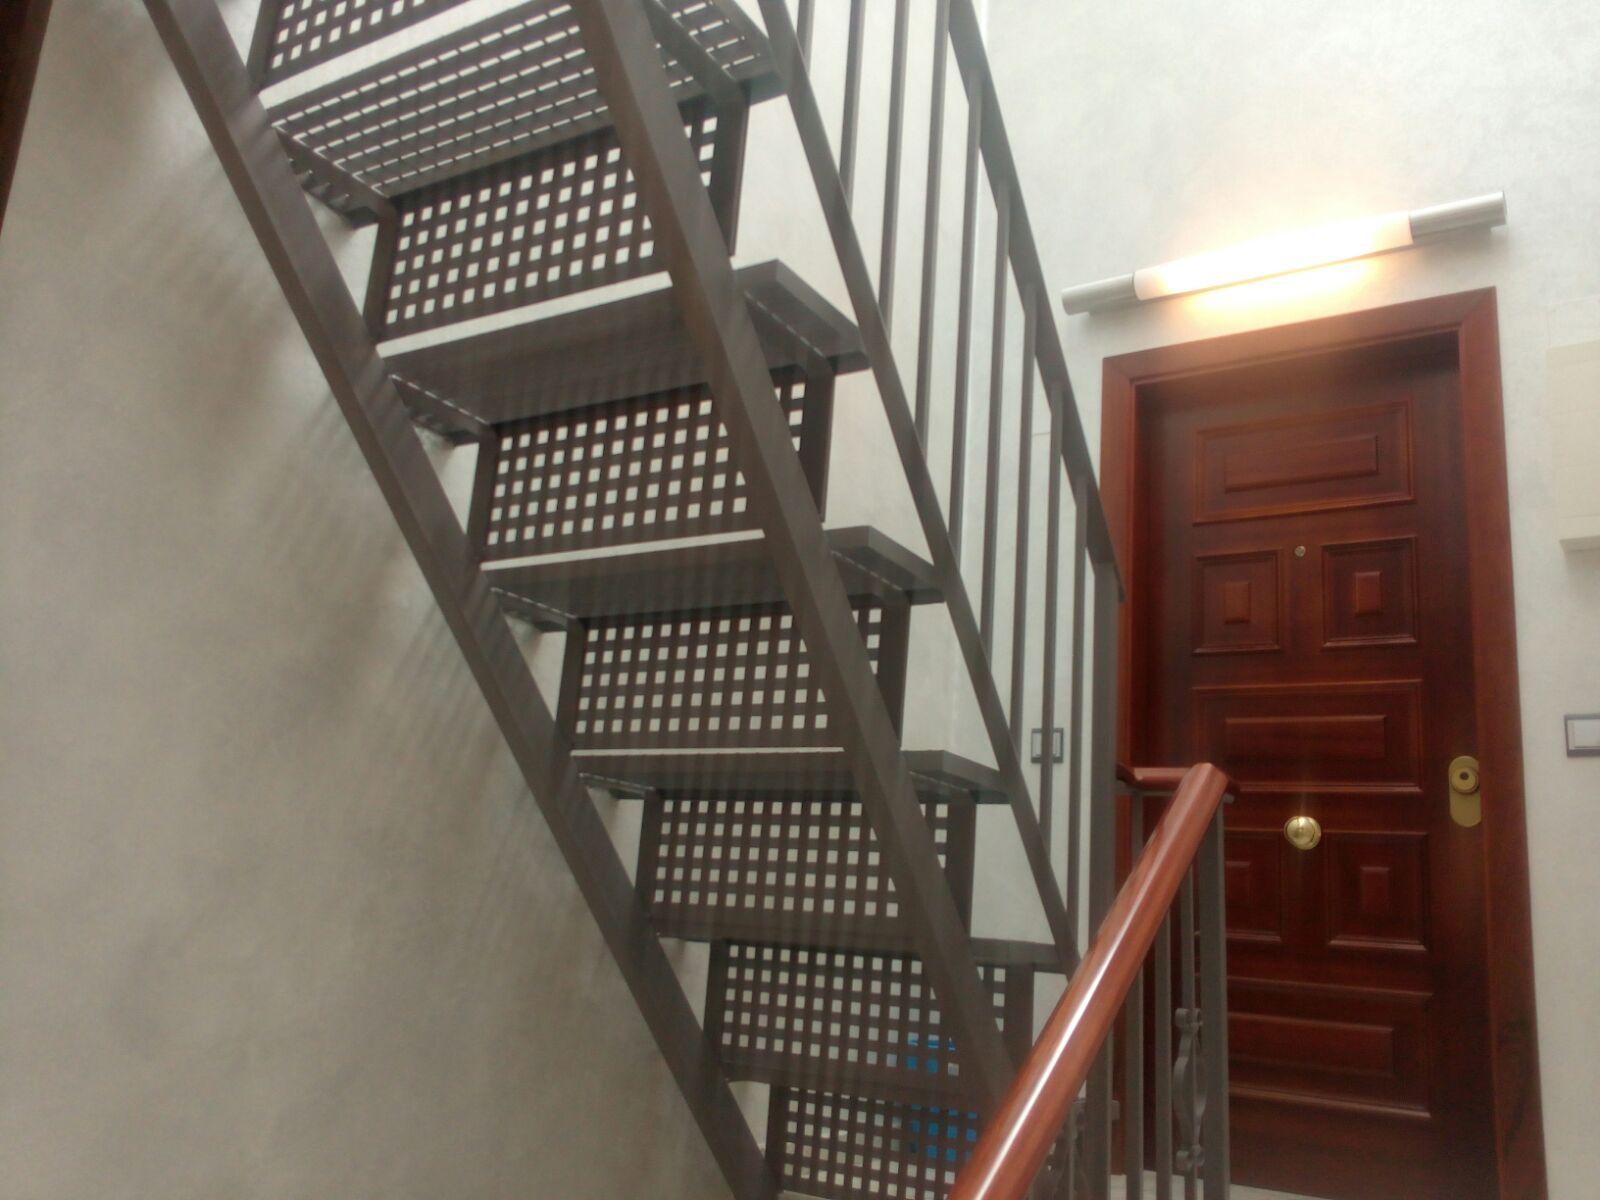 Serralleria Segre Andorra fabriquem i col·loquem escales de ferro i xapa en qualsevol tipus de disseny i geometria. Utilitzant materials de qualitat, resistents i segurs. Destaquem un ampli ventall de xapes entre les quals: